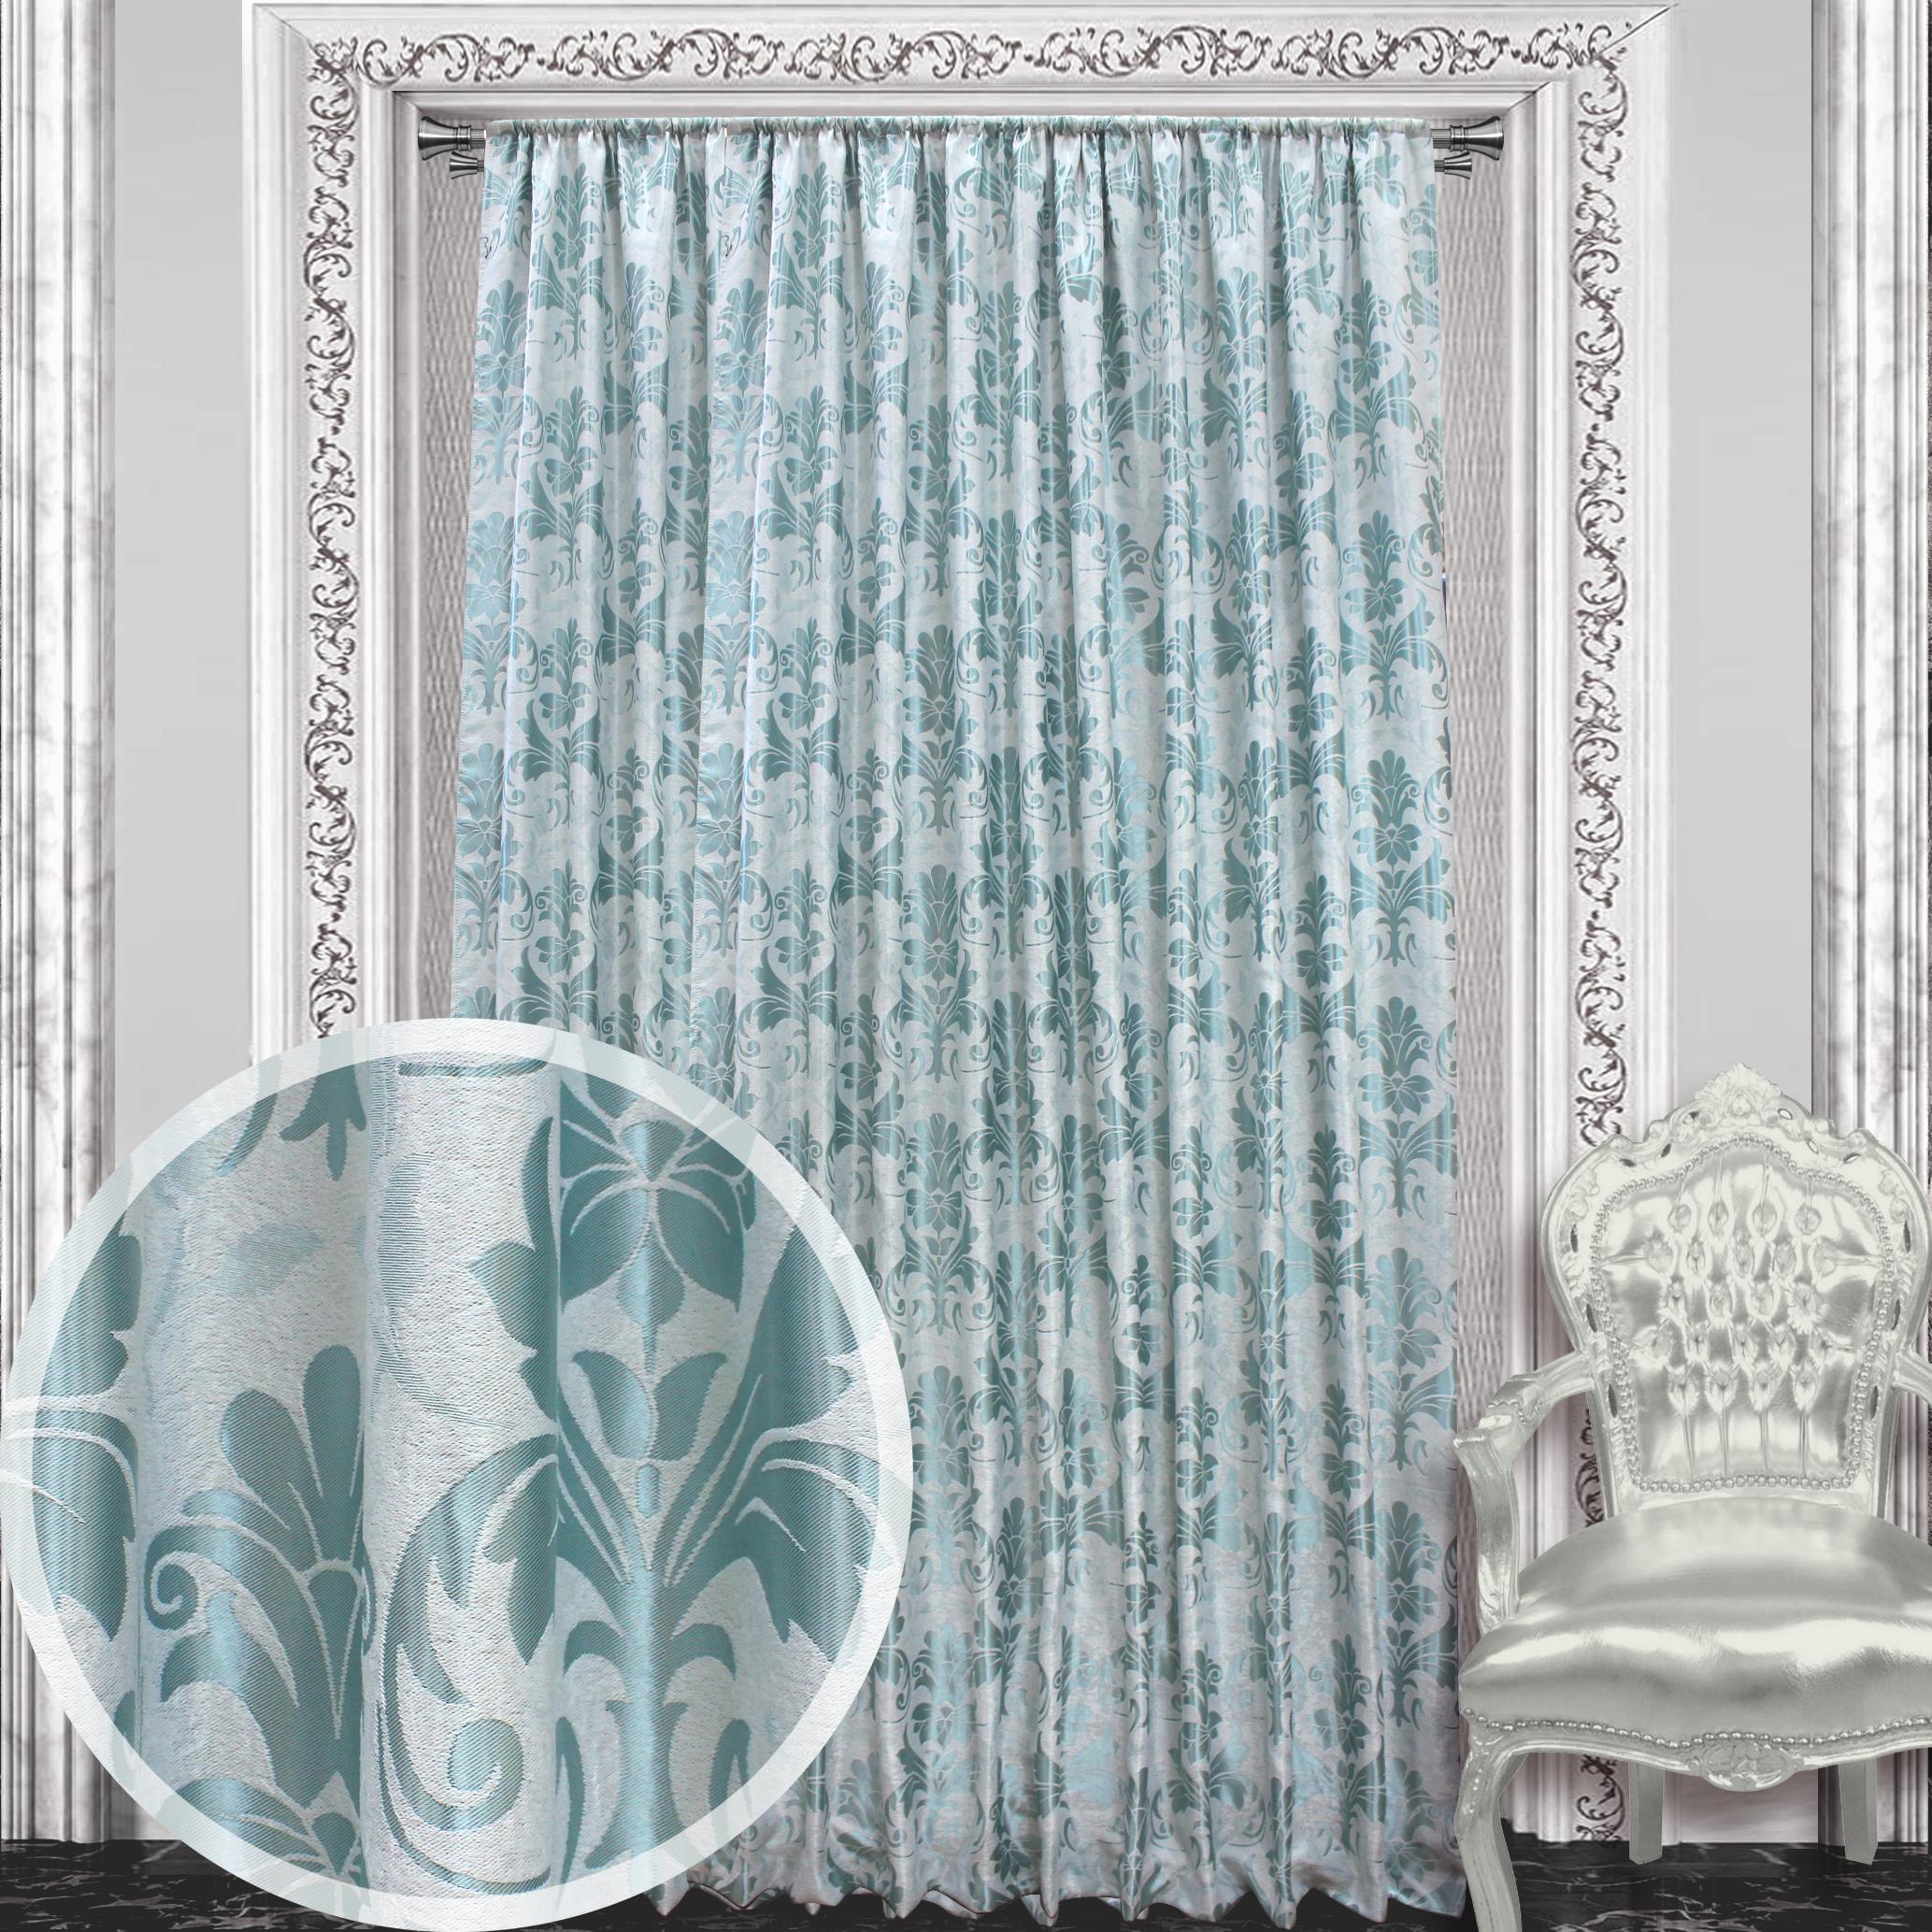 Купить Шторы Amore Mio, Классические шторы Maliyah Цвет: Ментоловый, Китай, Зеленый, Blackout